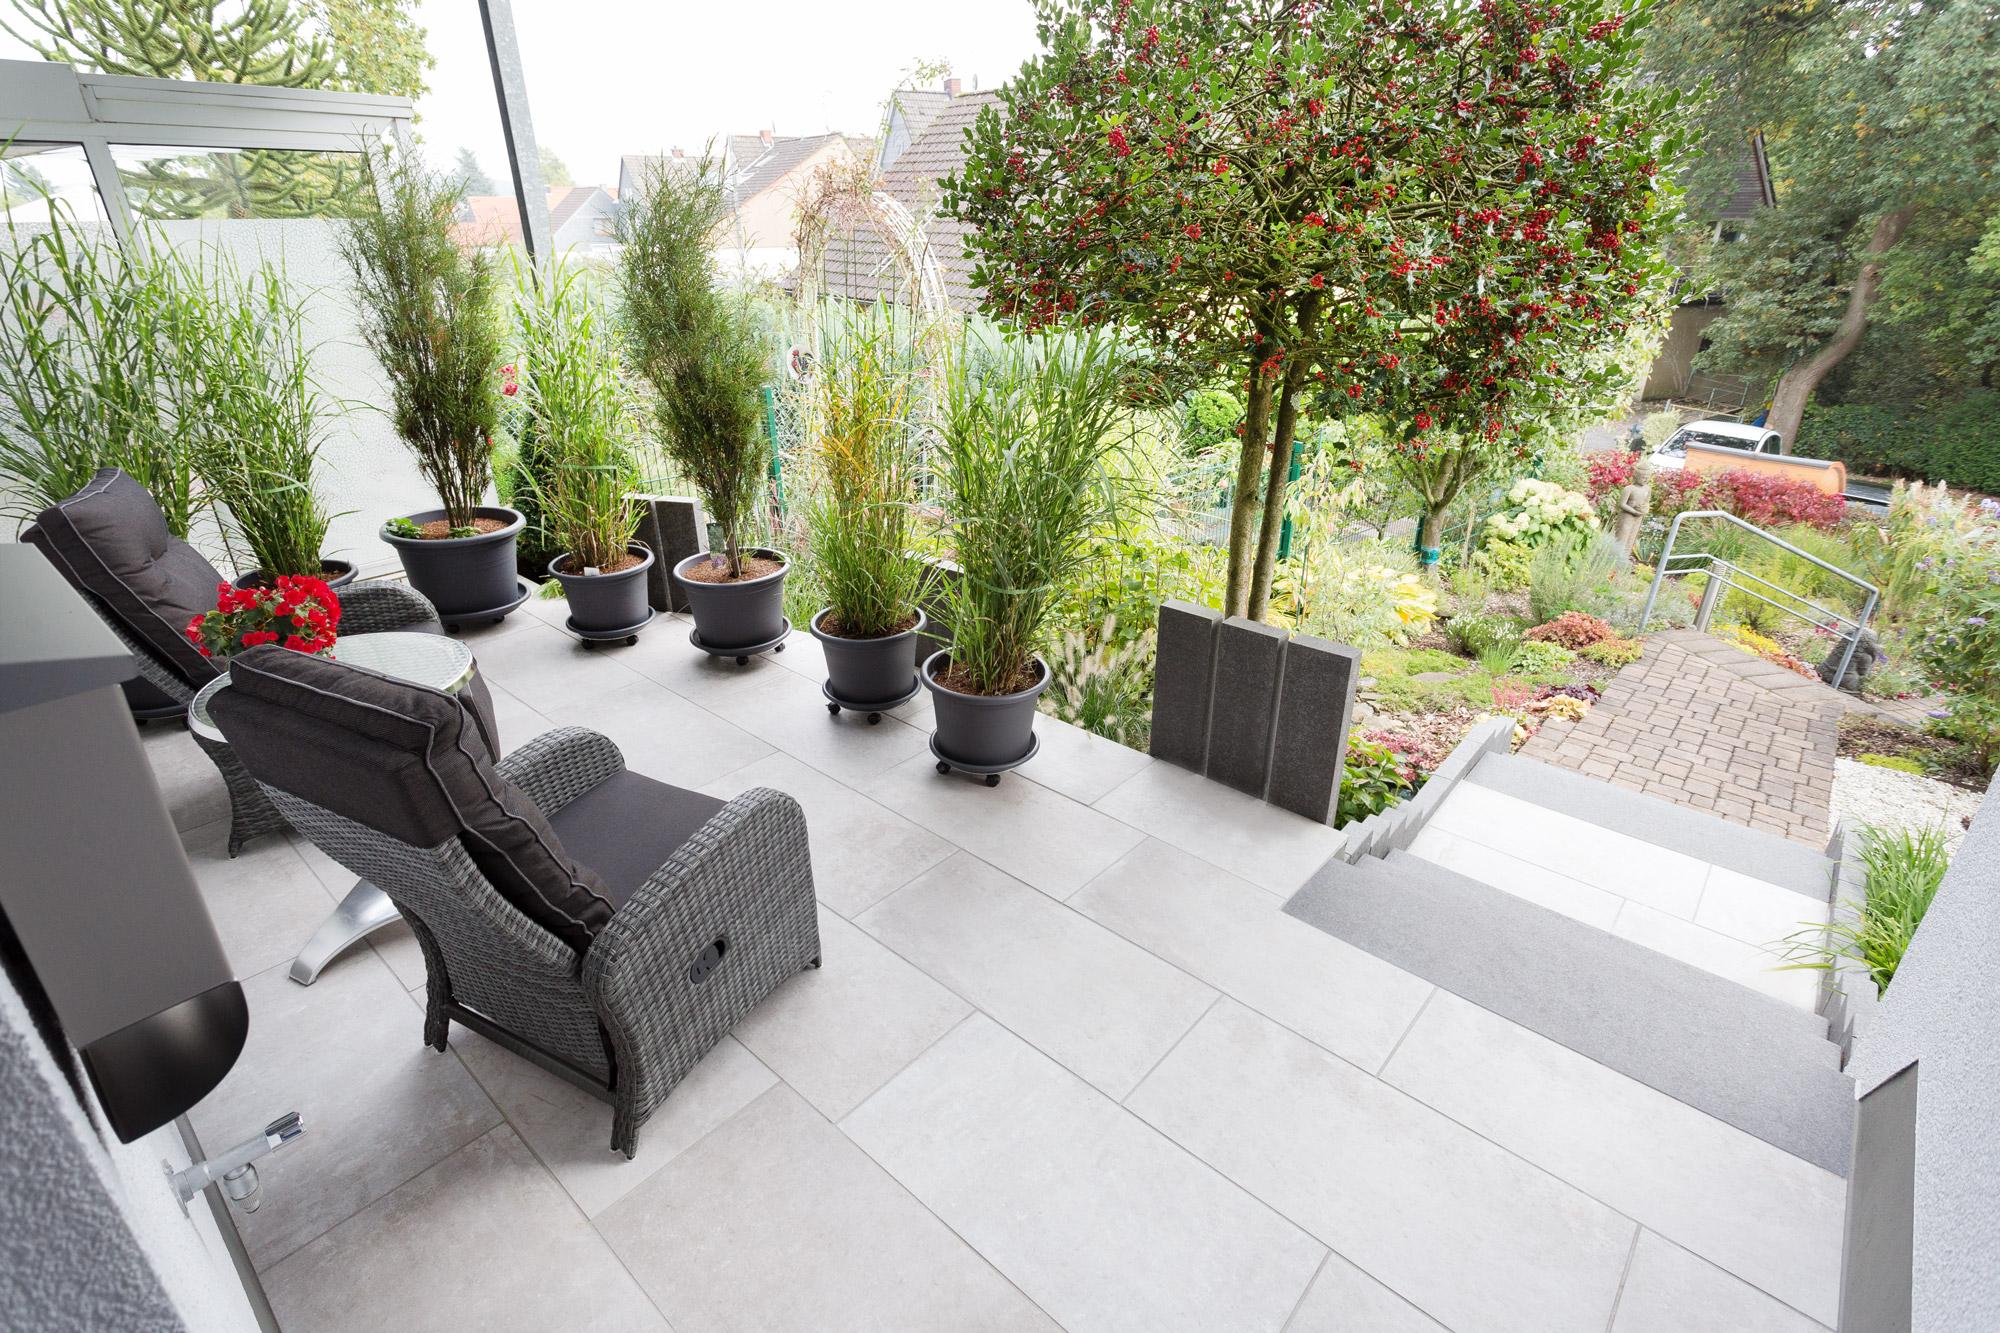 emejing image terrasse gallery amazing house design. Black Bedroom Furniture Sets. Home Design Ideas